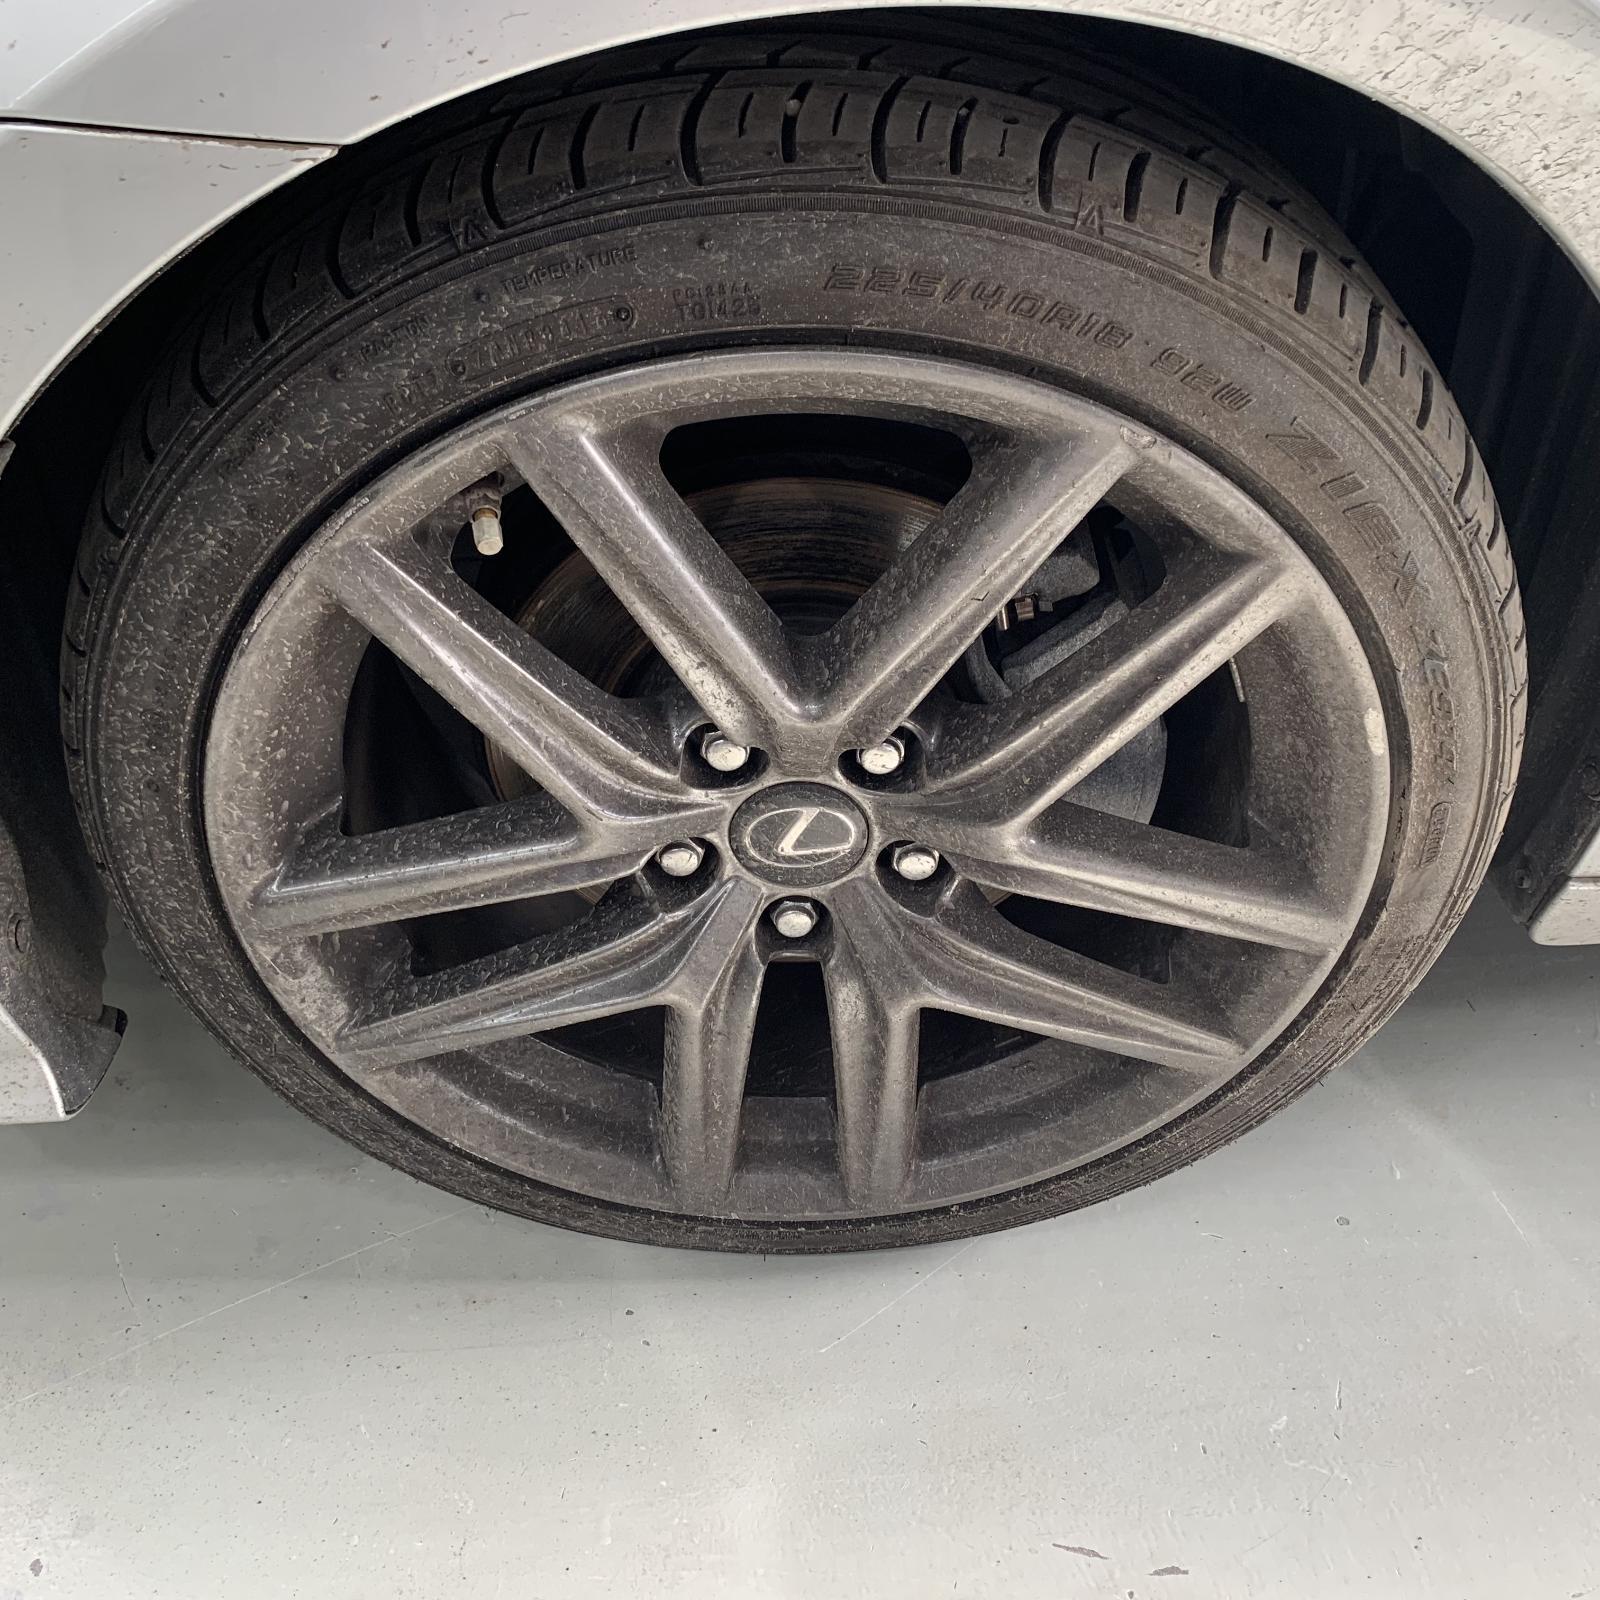 LEXUS IS, Wheel Mag, IS200t/IS250/IS300H/IS350, FACTORY, 18X8IN-FRONT, XE30, SPORTS LUXURY/F SPORT, 04/13-